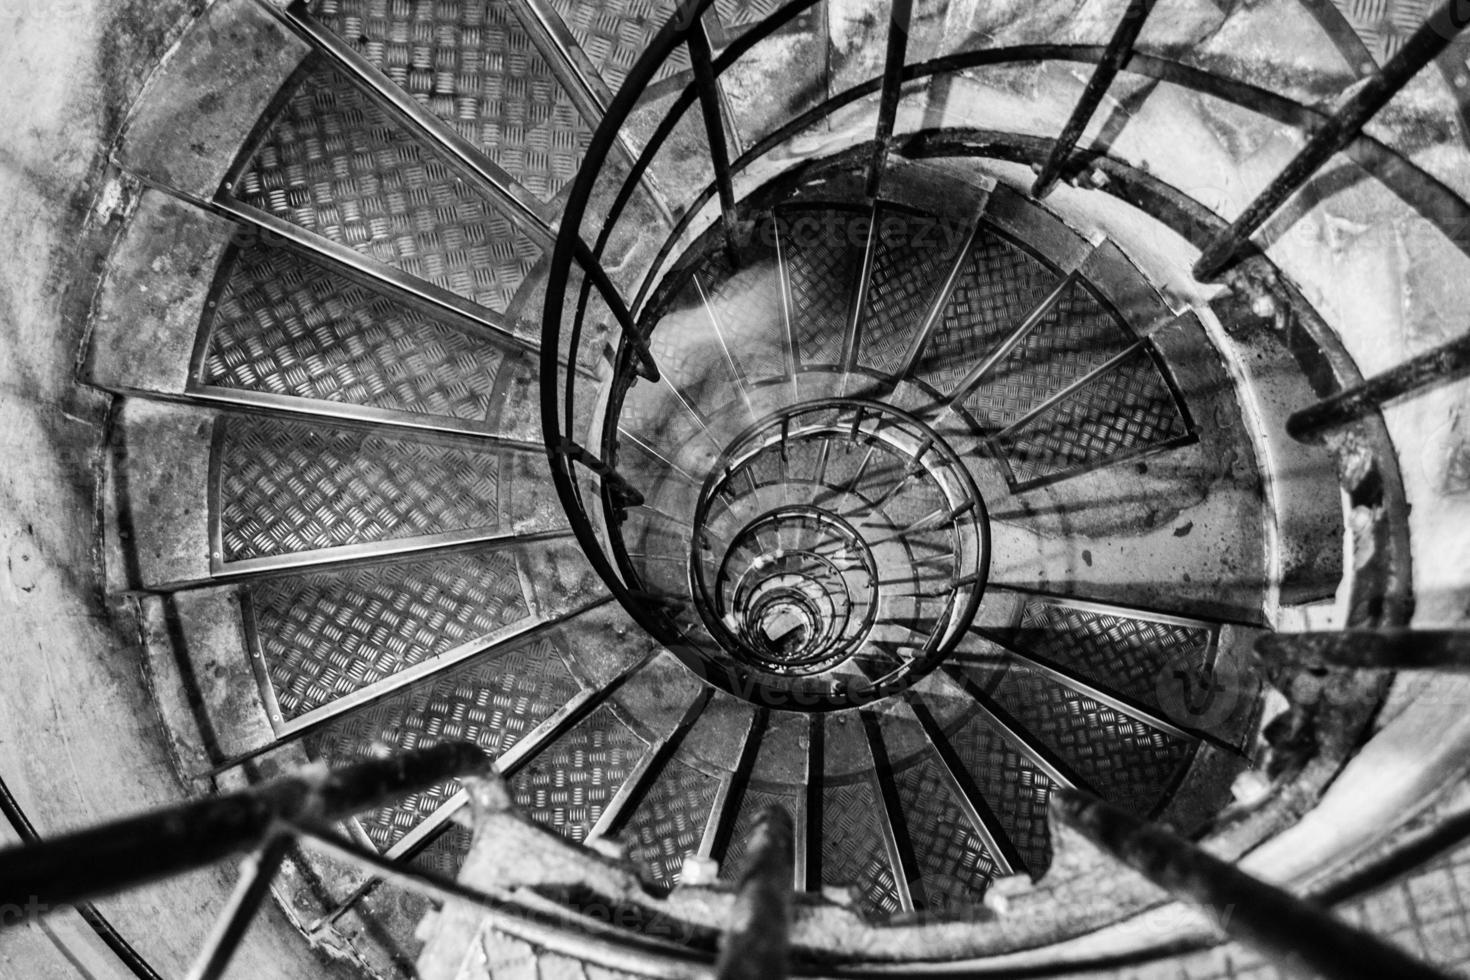 op zoek naar beneden een wenteltrap in Parijs foto